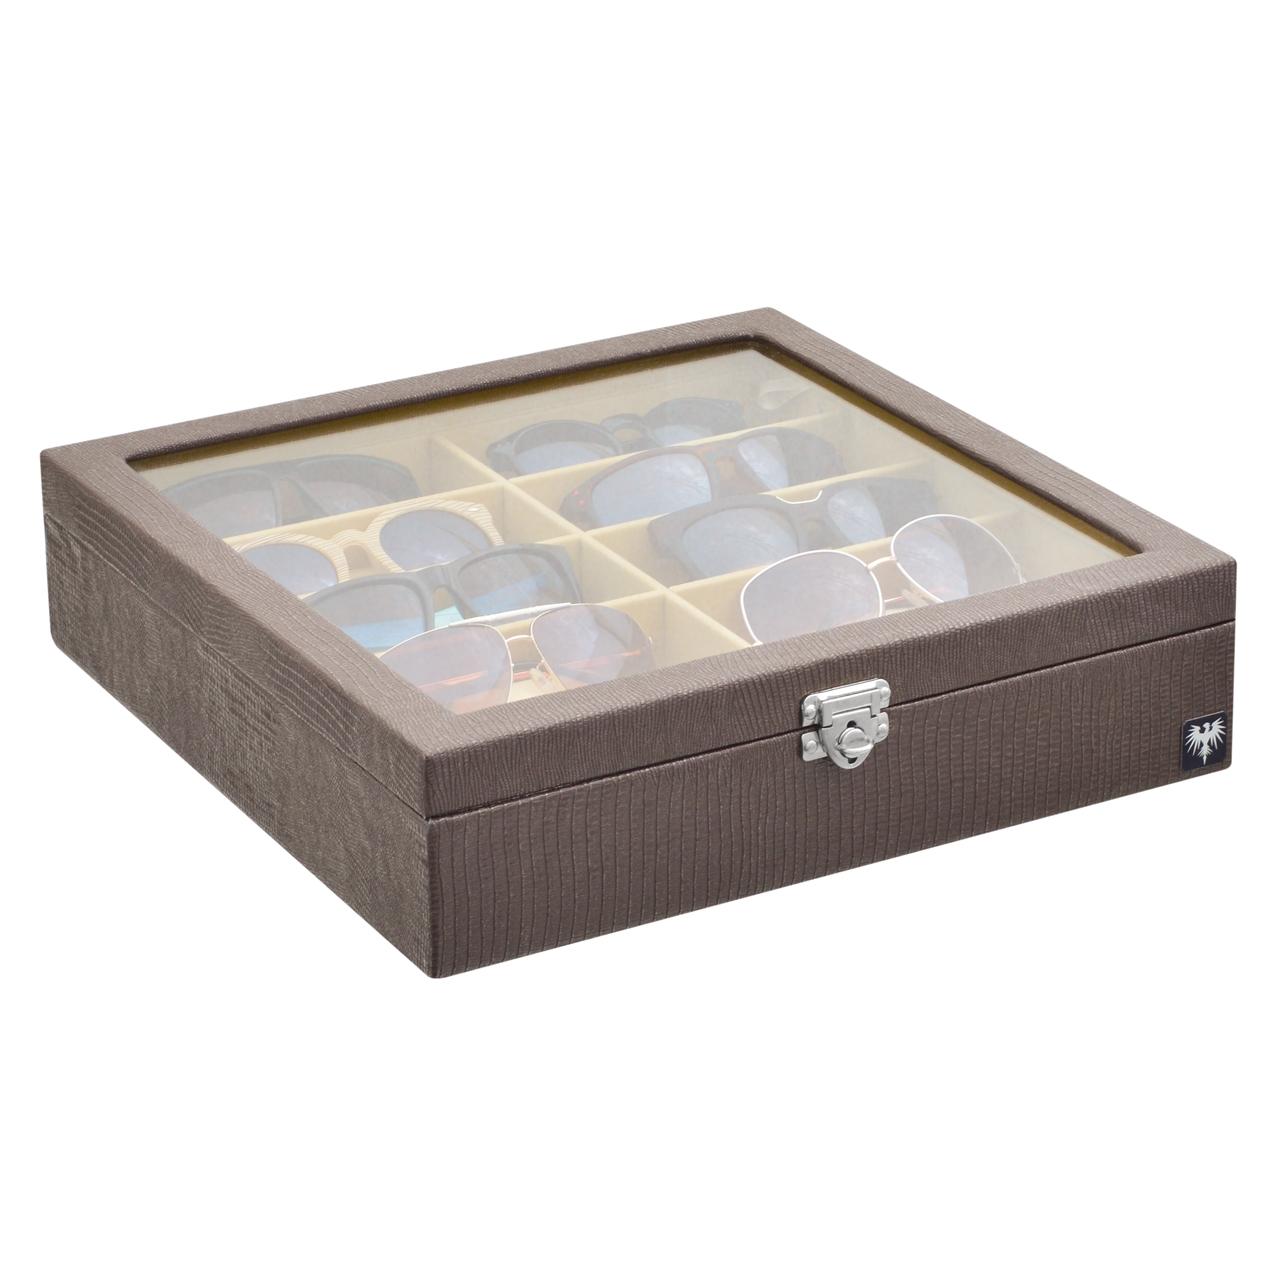 estojo-couro-ecologico-10-oculos-marrom-bege-porta-caixa-imagem-5.jpg